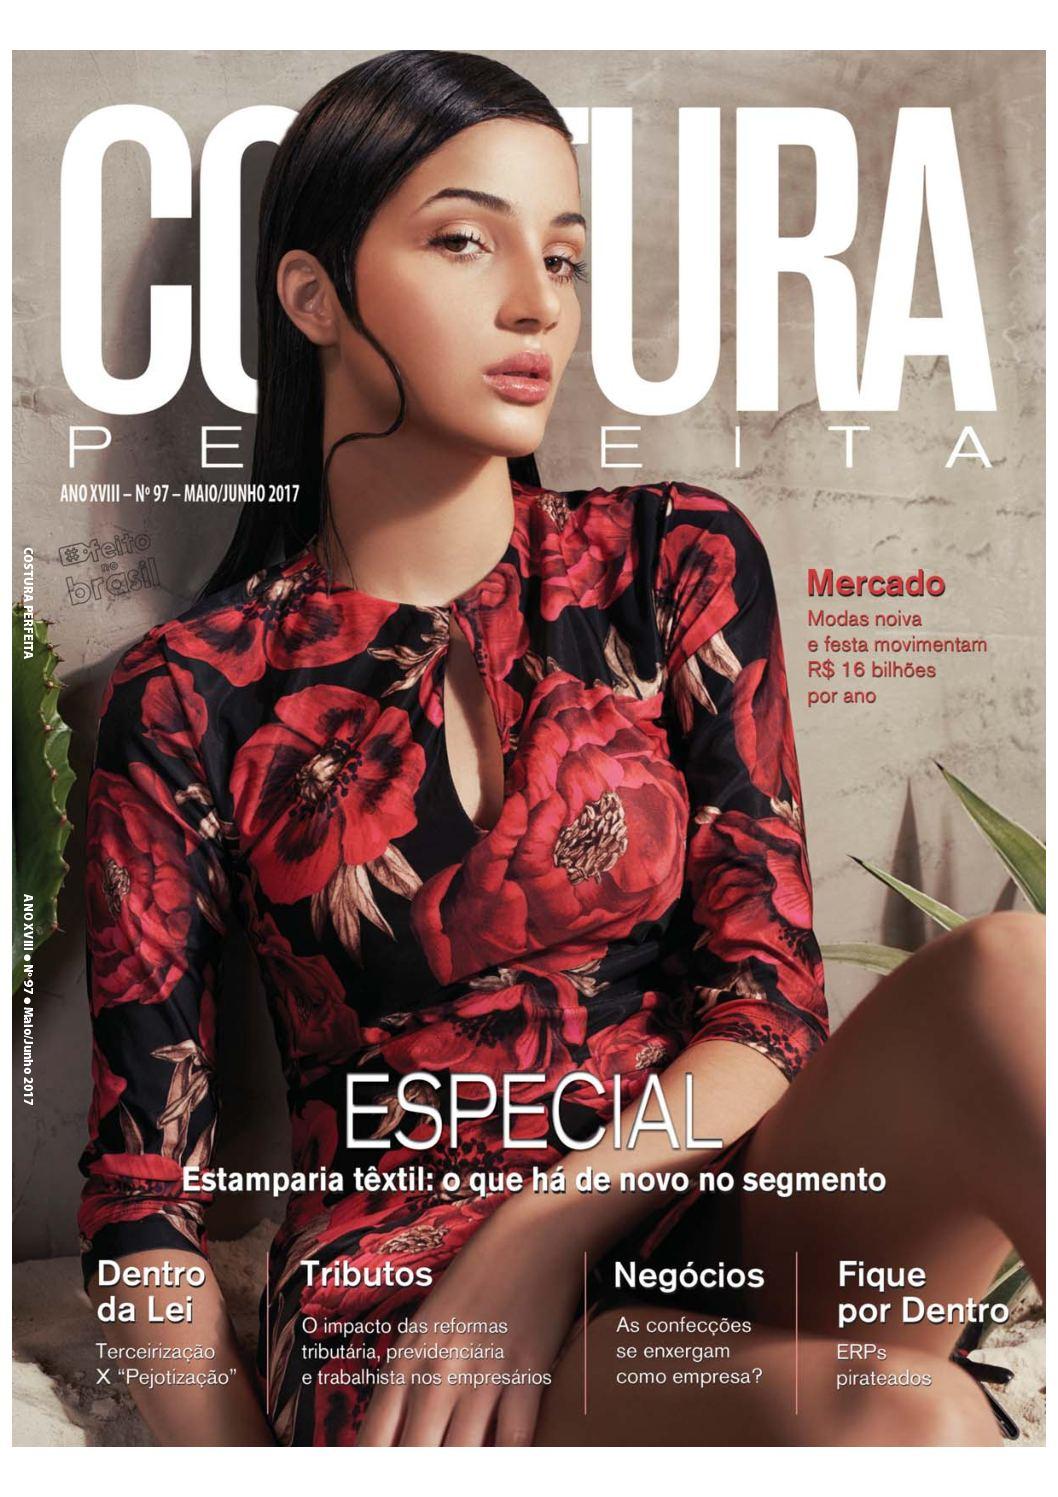 Calaméo - Revista Costura Perfeita Edição Ano XVIII - N97 - Maio - Junho  2017 77ac585ceb5